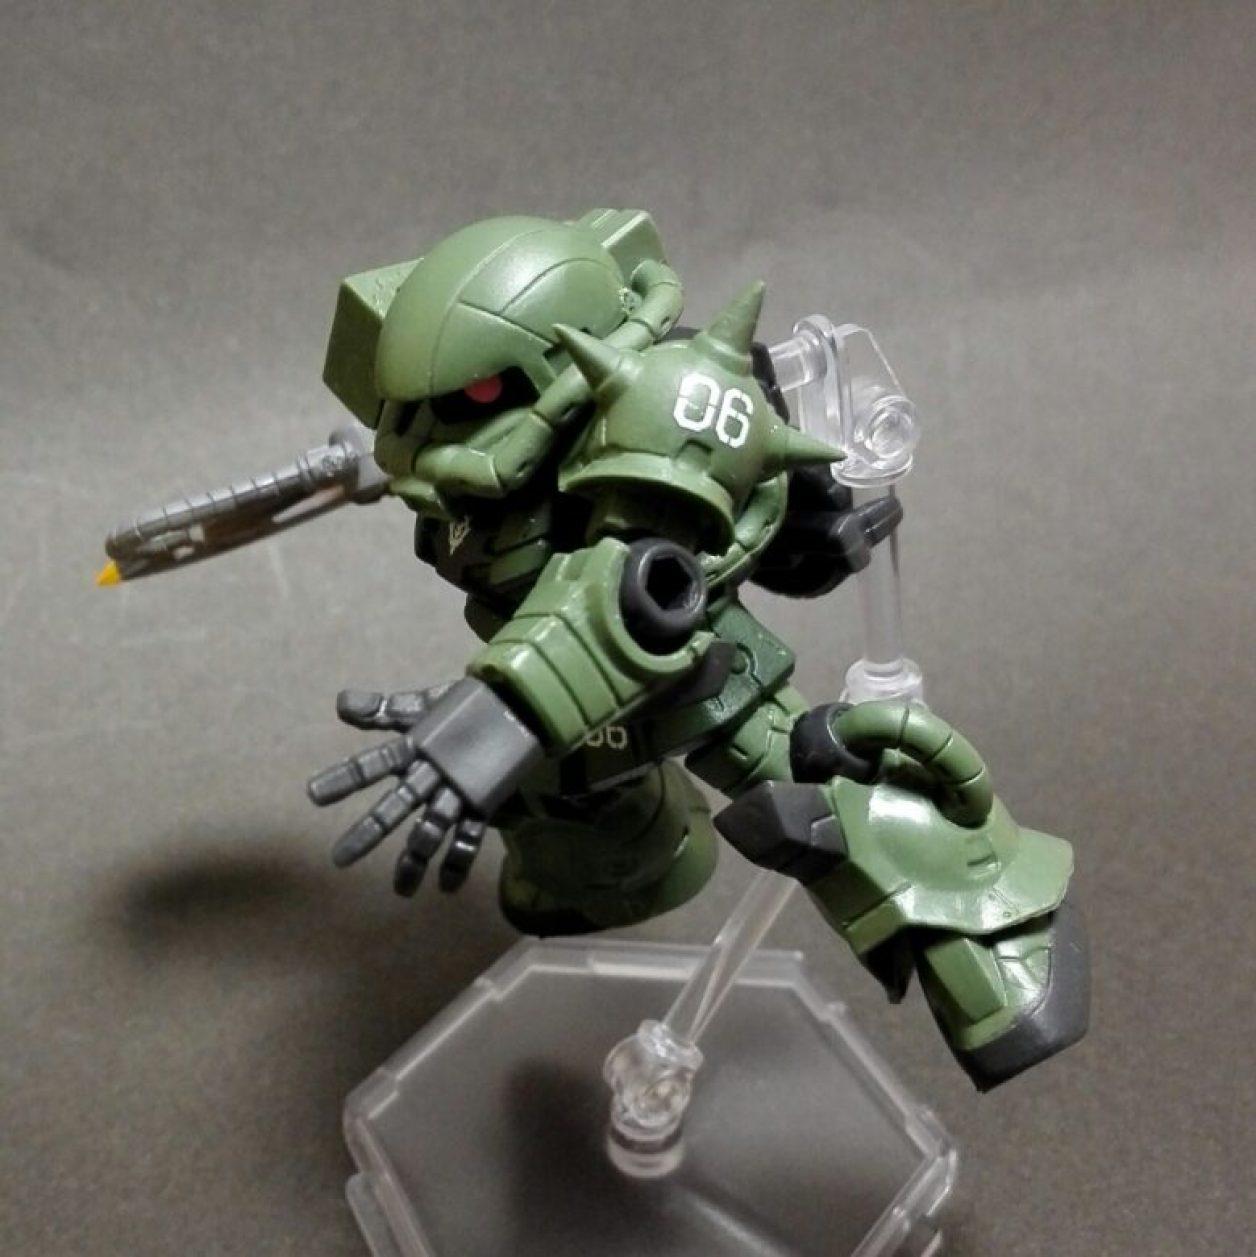 mobile suit ensemble(モビルスーツアンサンブル)1.5弾のザク(マーキングプラス)のMS武器セットのヒート・ホークを装備した画像